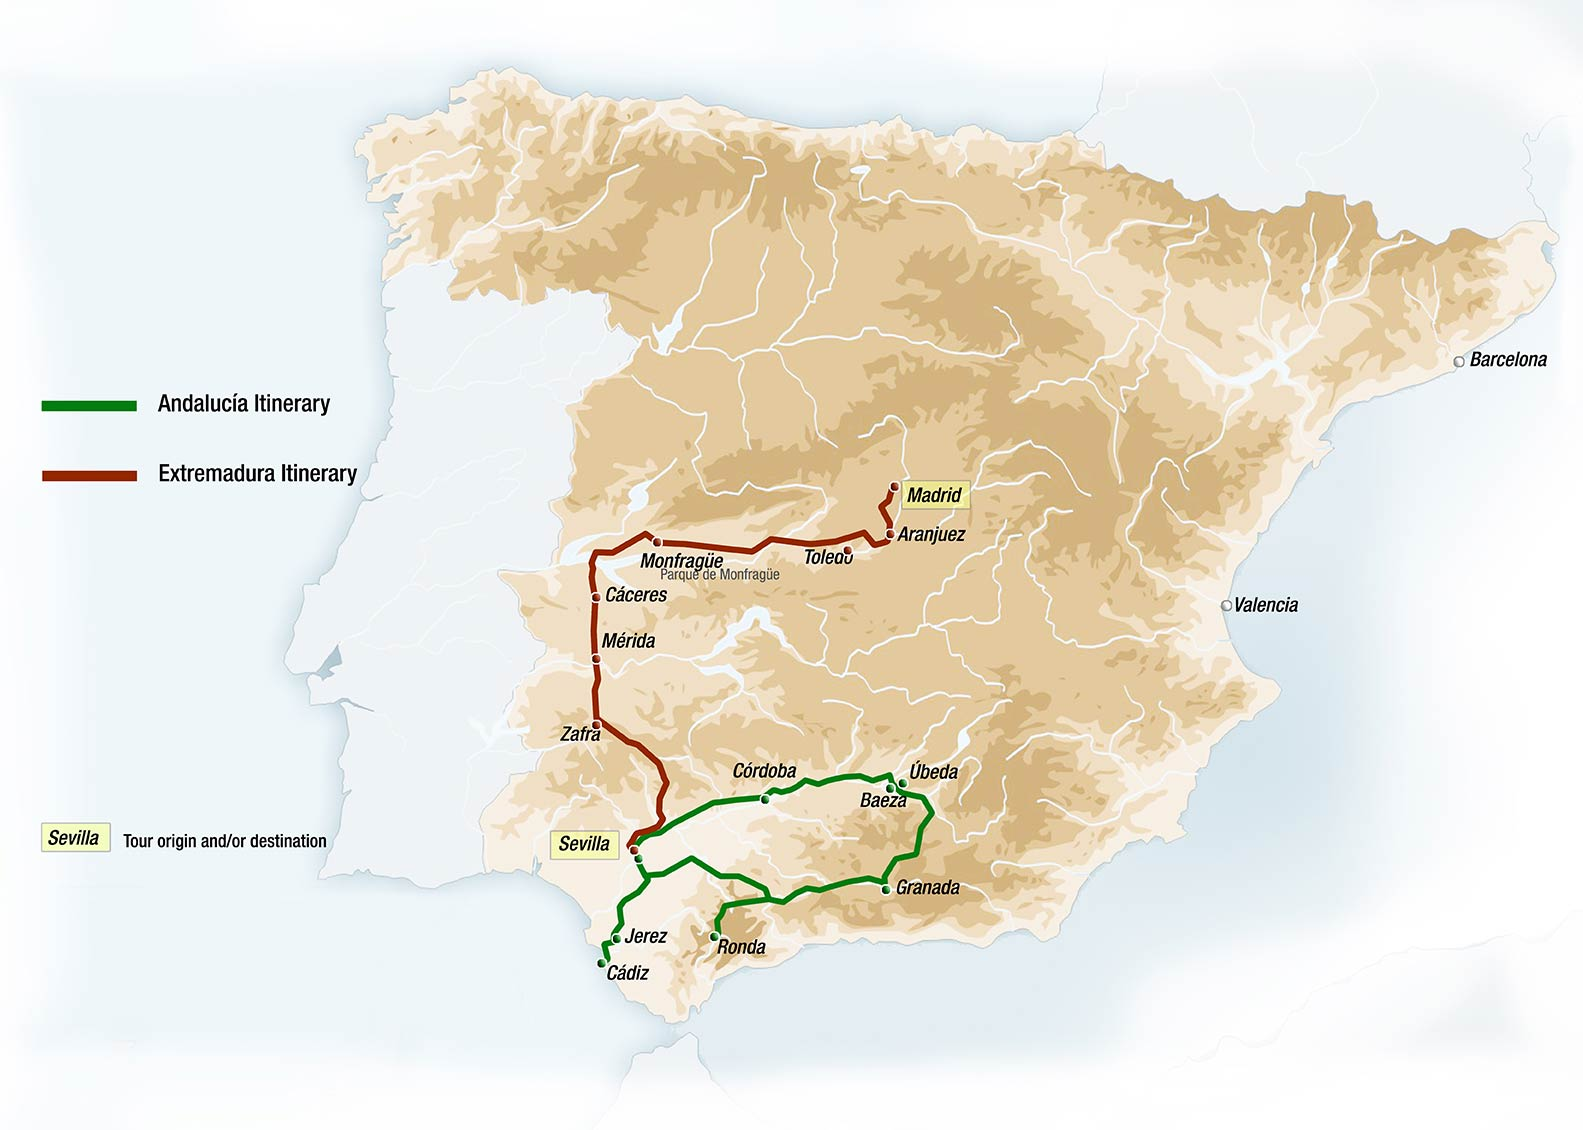 מפת הטיול ברכבת Al Andalus באקסטרמדורה, 6 ימים